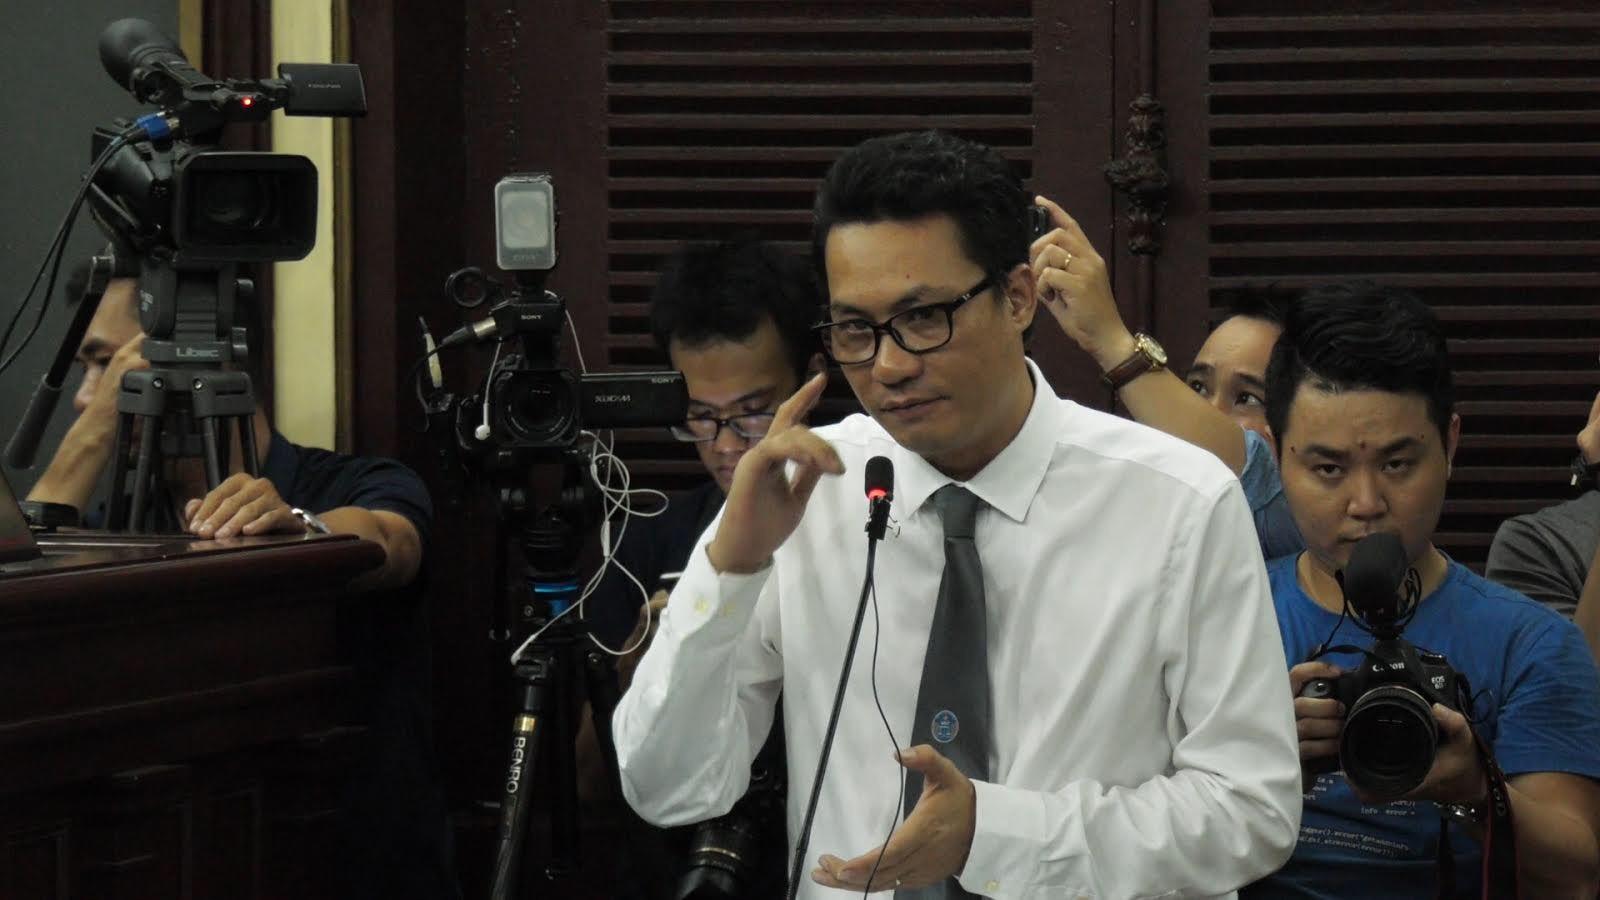 Diễn viên nhí đóng cảnh nóng phim 'Vợ ba': Cơ quan chức năng cần thẩm định - Ảnh 2.